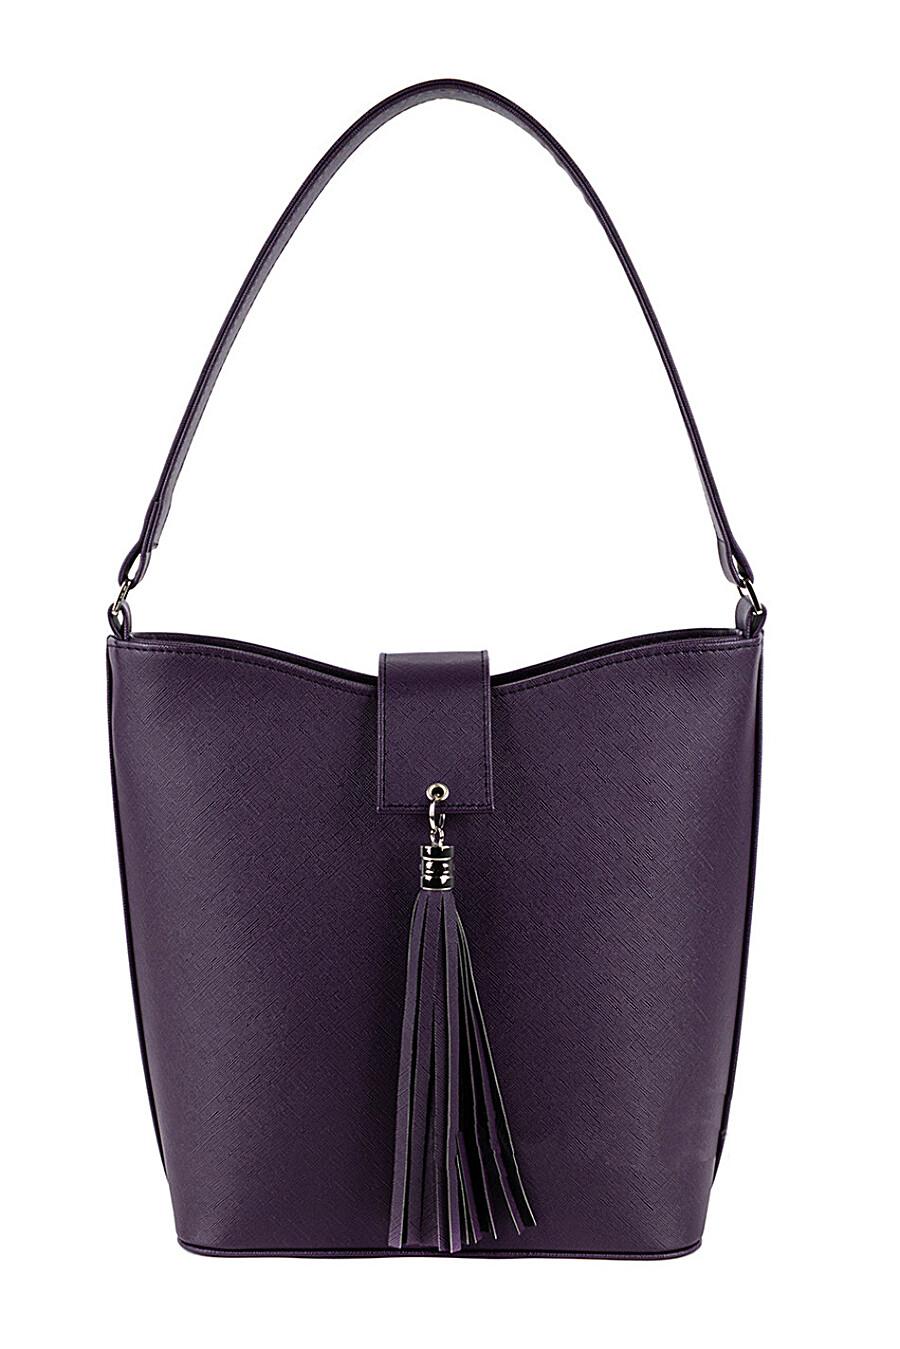 Сумка для женщин L-CRAFT 260275 купить оптом от производителя. Совместная покупка женской одежды в OptMoyo